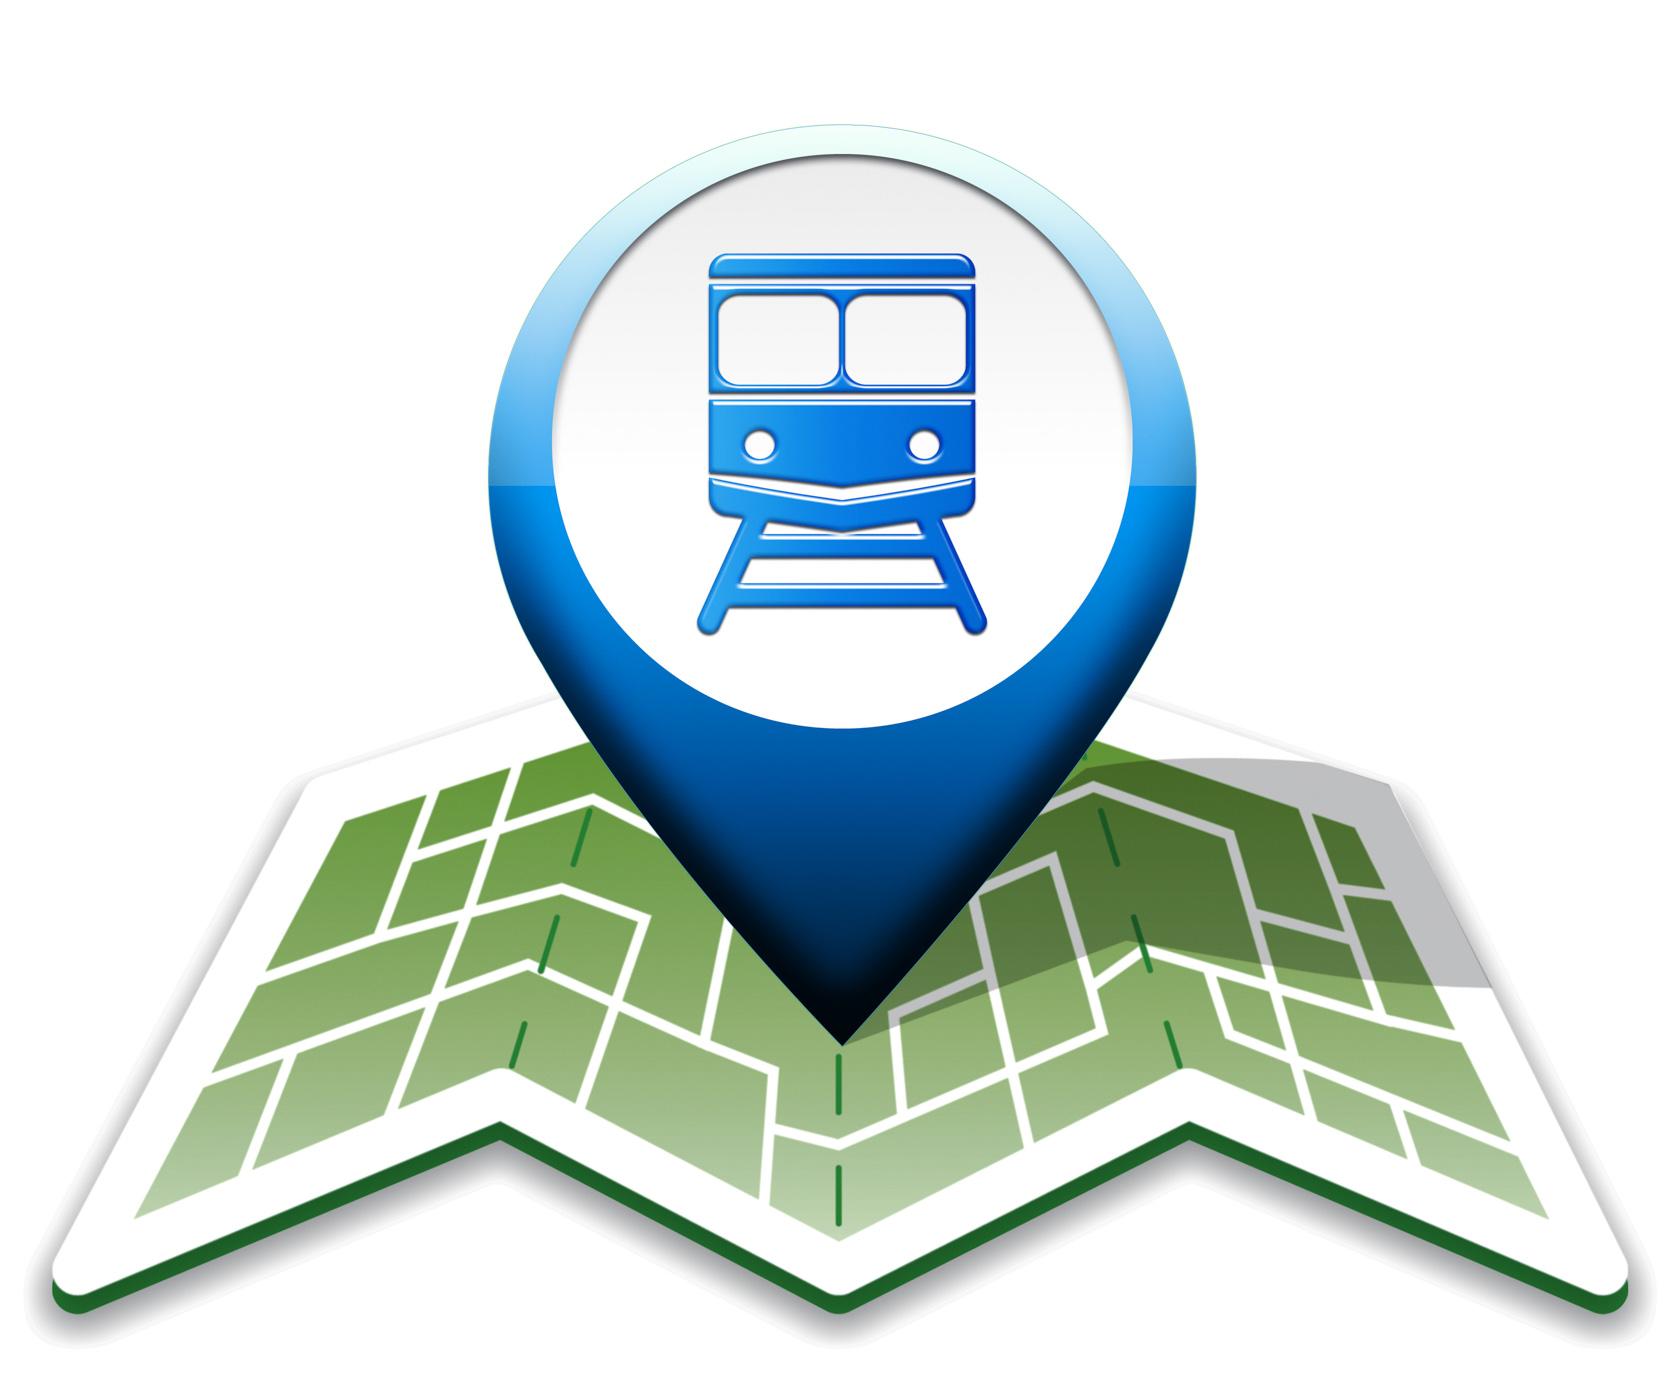 Train map indicates intercity journey 3d illustration photo